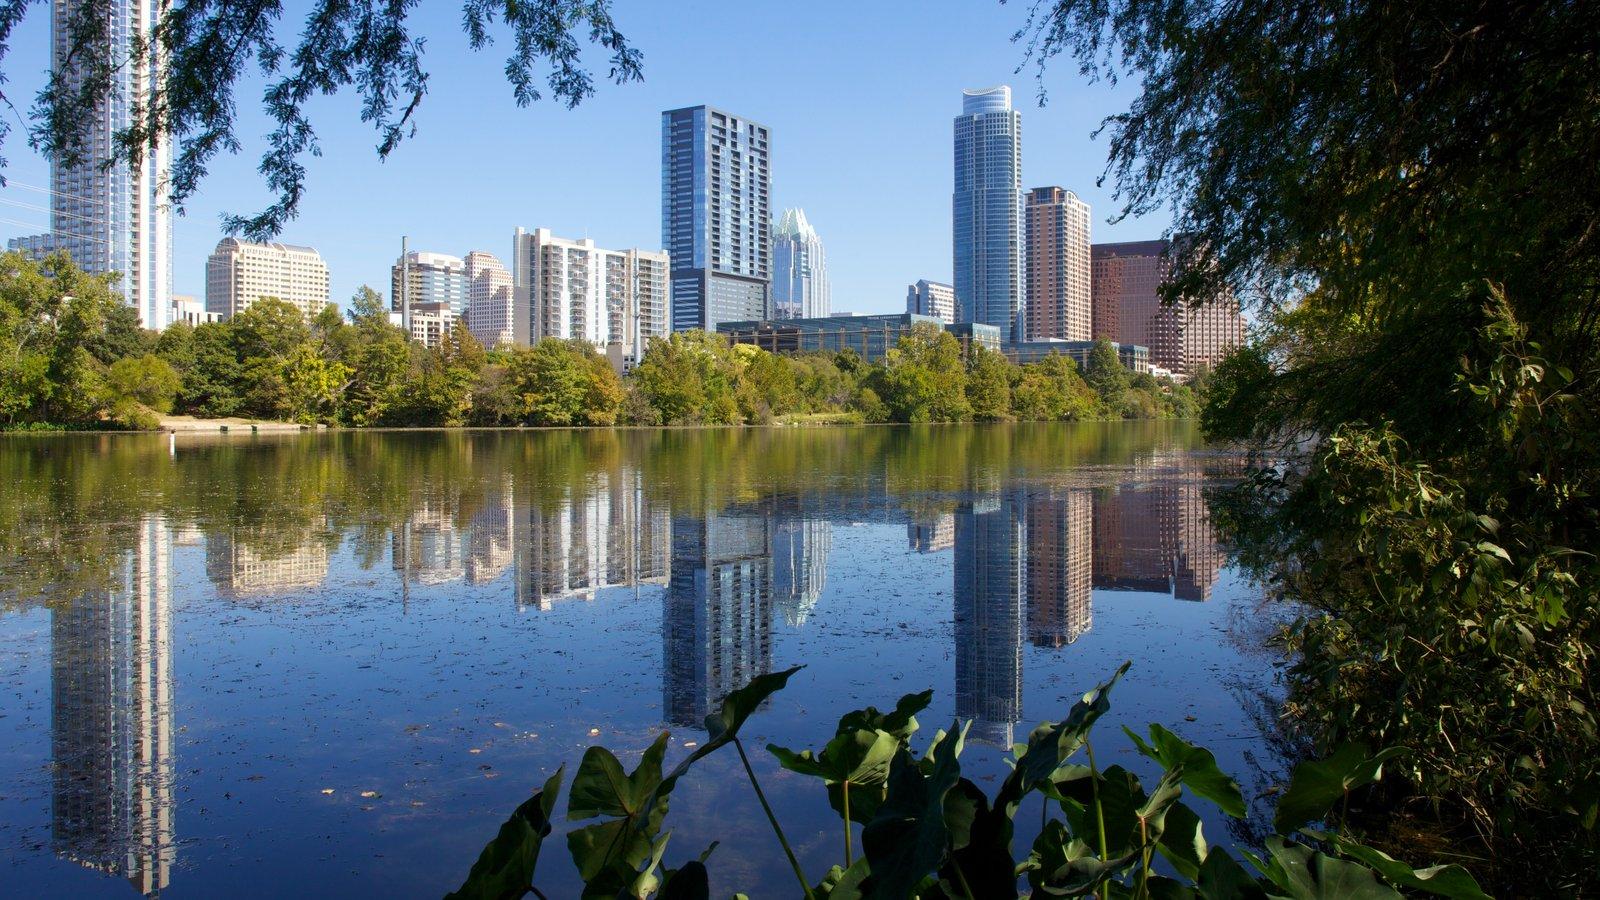 Lago Lady Bird ofreciendo un rascacielos, un lago o abrevadero y vistas de paisajes